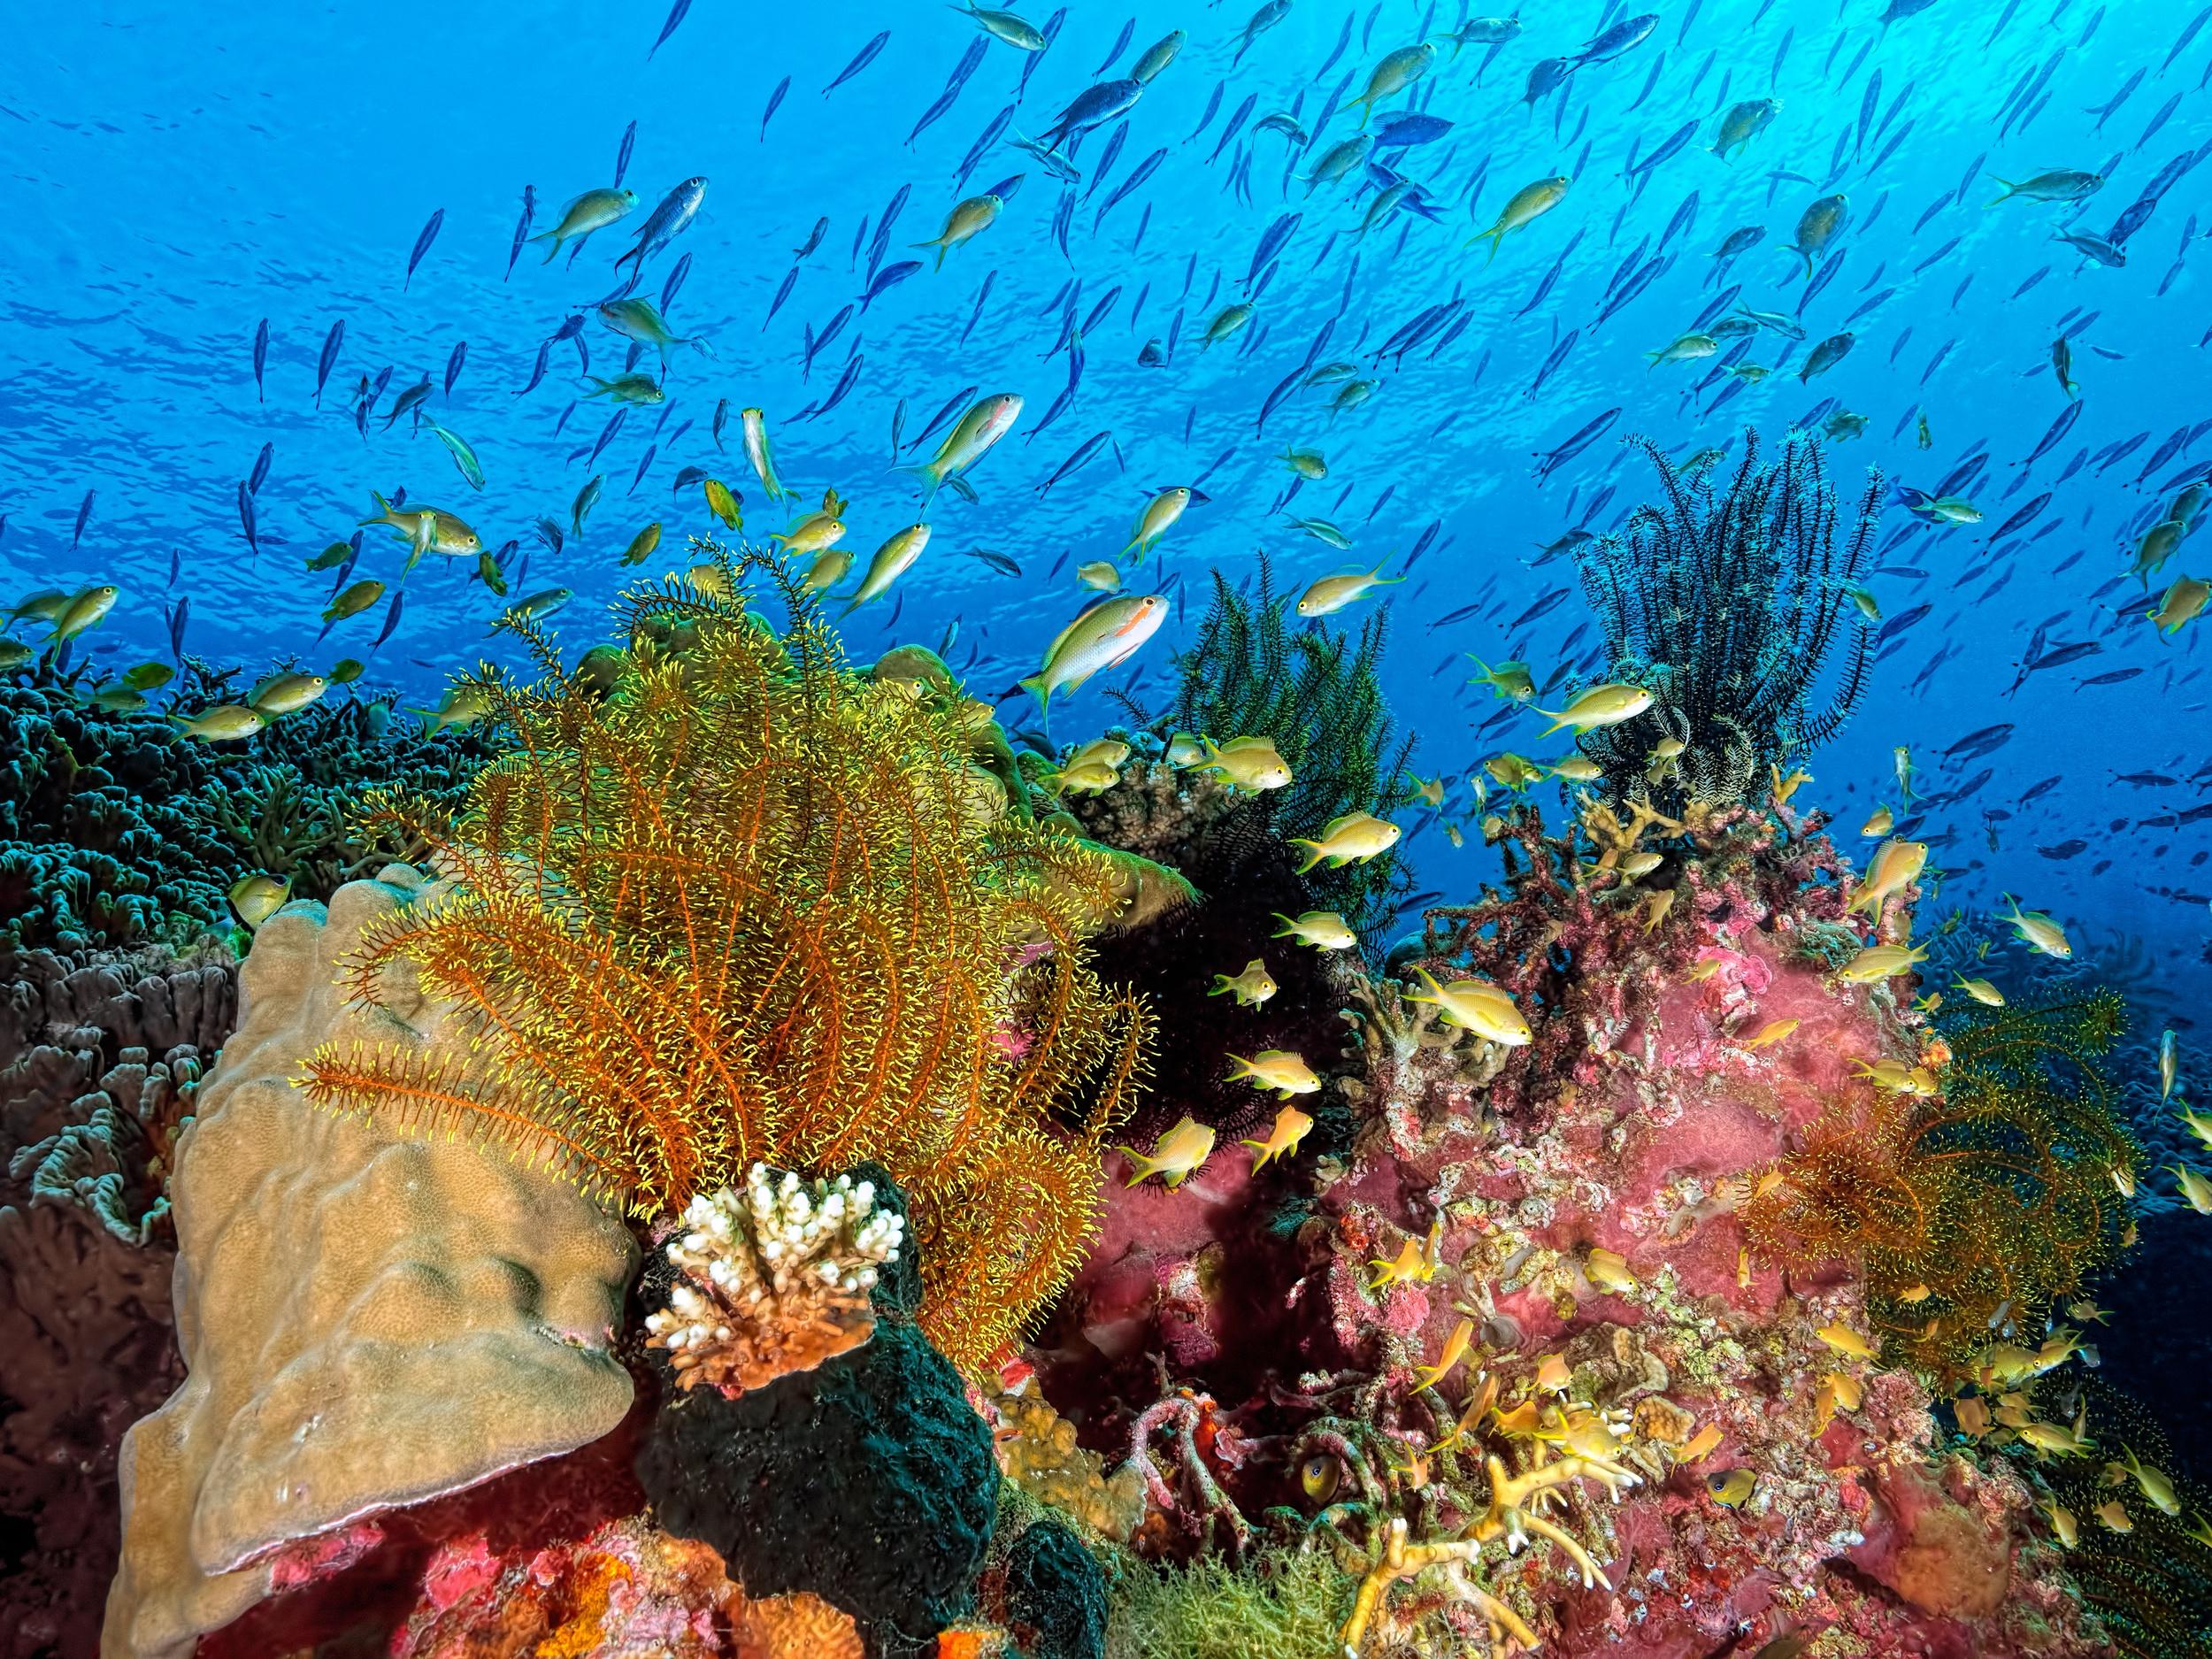 Картинка море с рыбками и водорослями